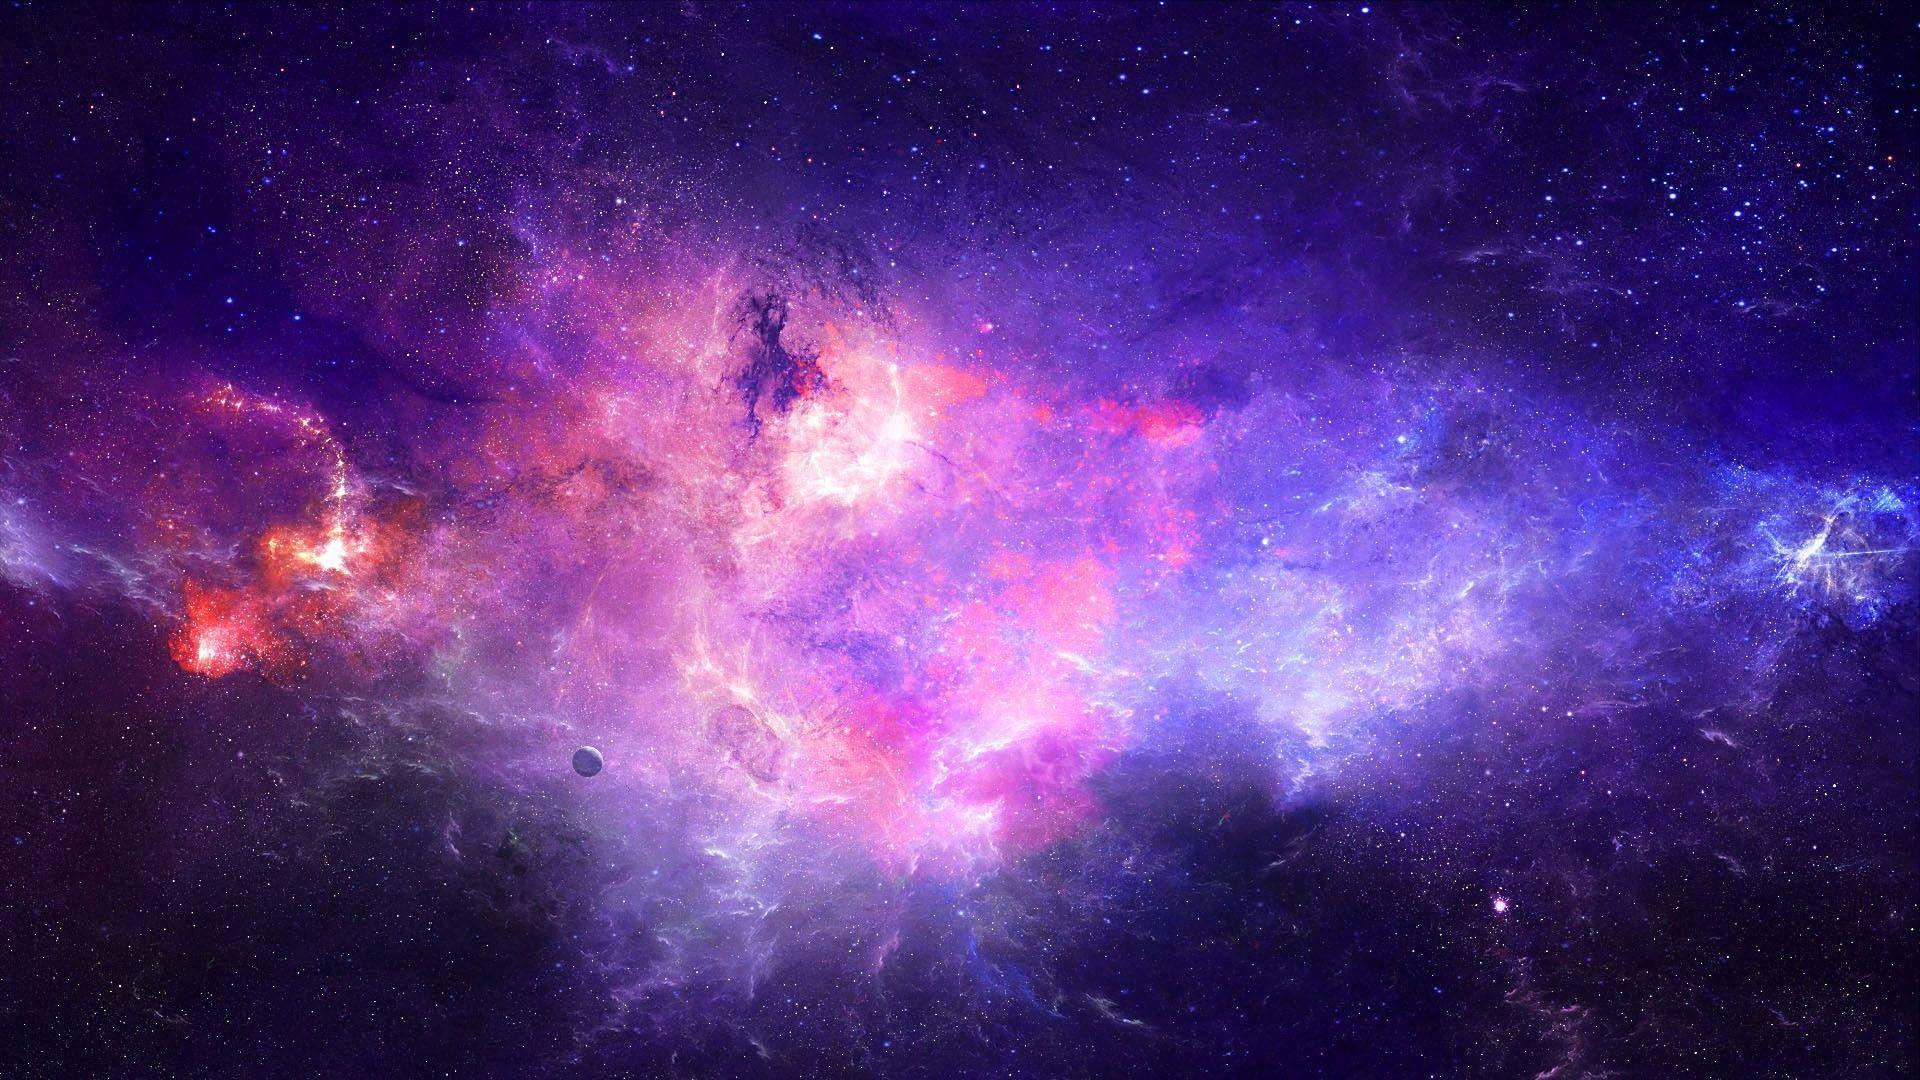 Hình ảnh dải ngân hà màu tím